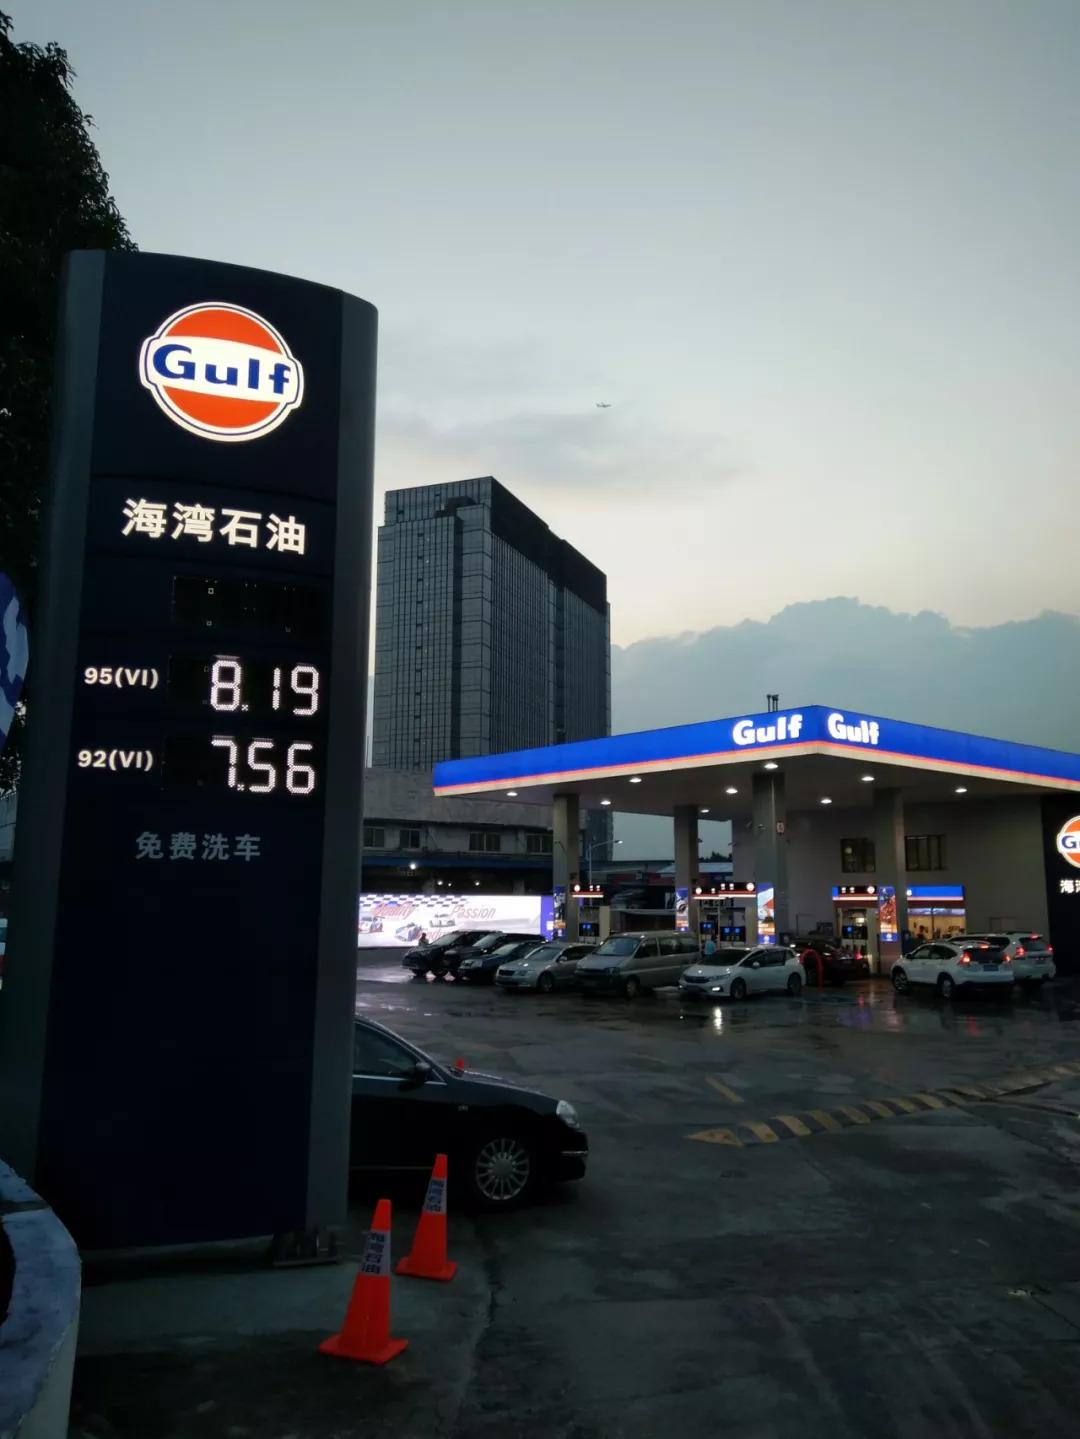 外国石油巨头入华一箱油便宜80元?仅是促销活动